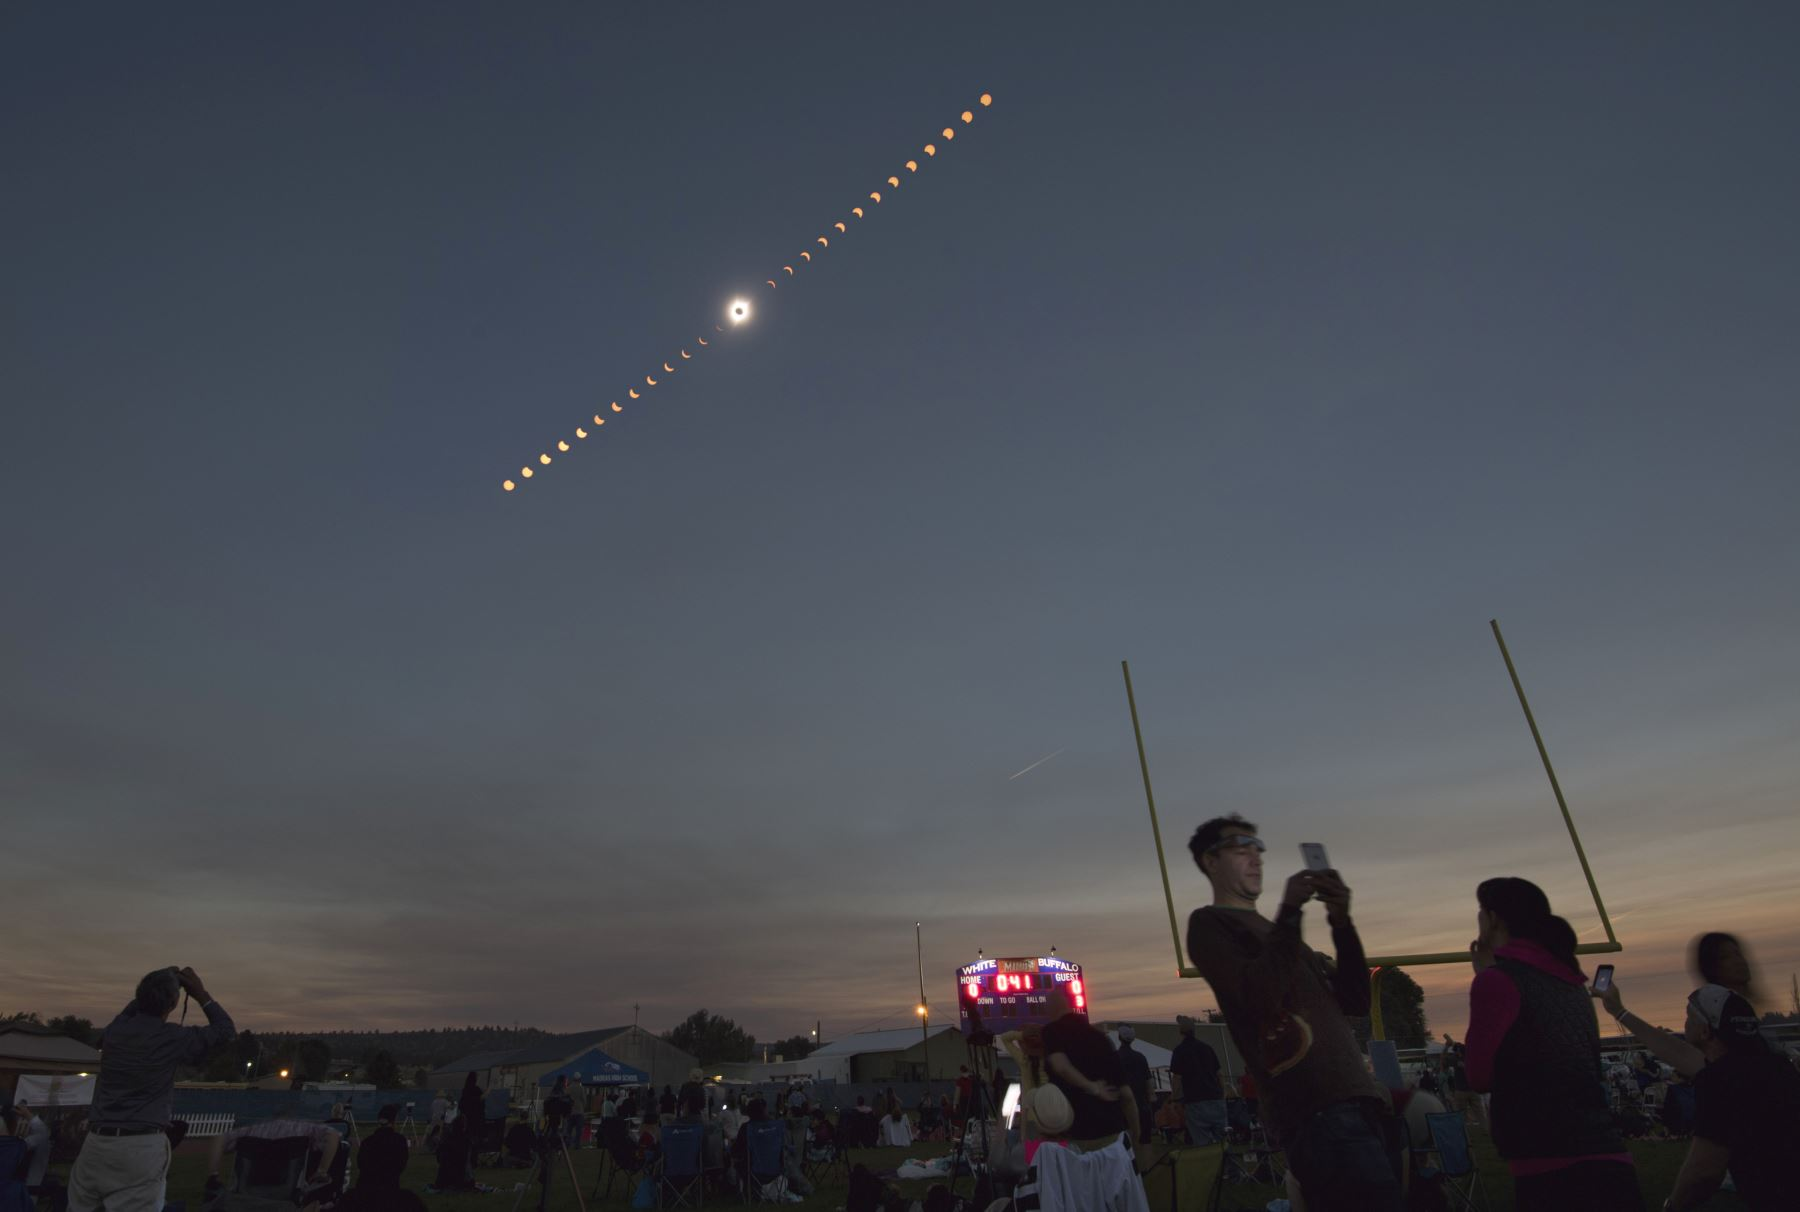 Una imagen compuesta del eclipse solar total visto del observatorio de Lowell  en Madras, Oregon.Foto:AFP